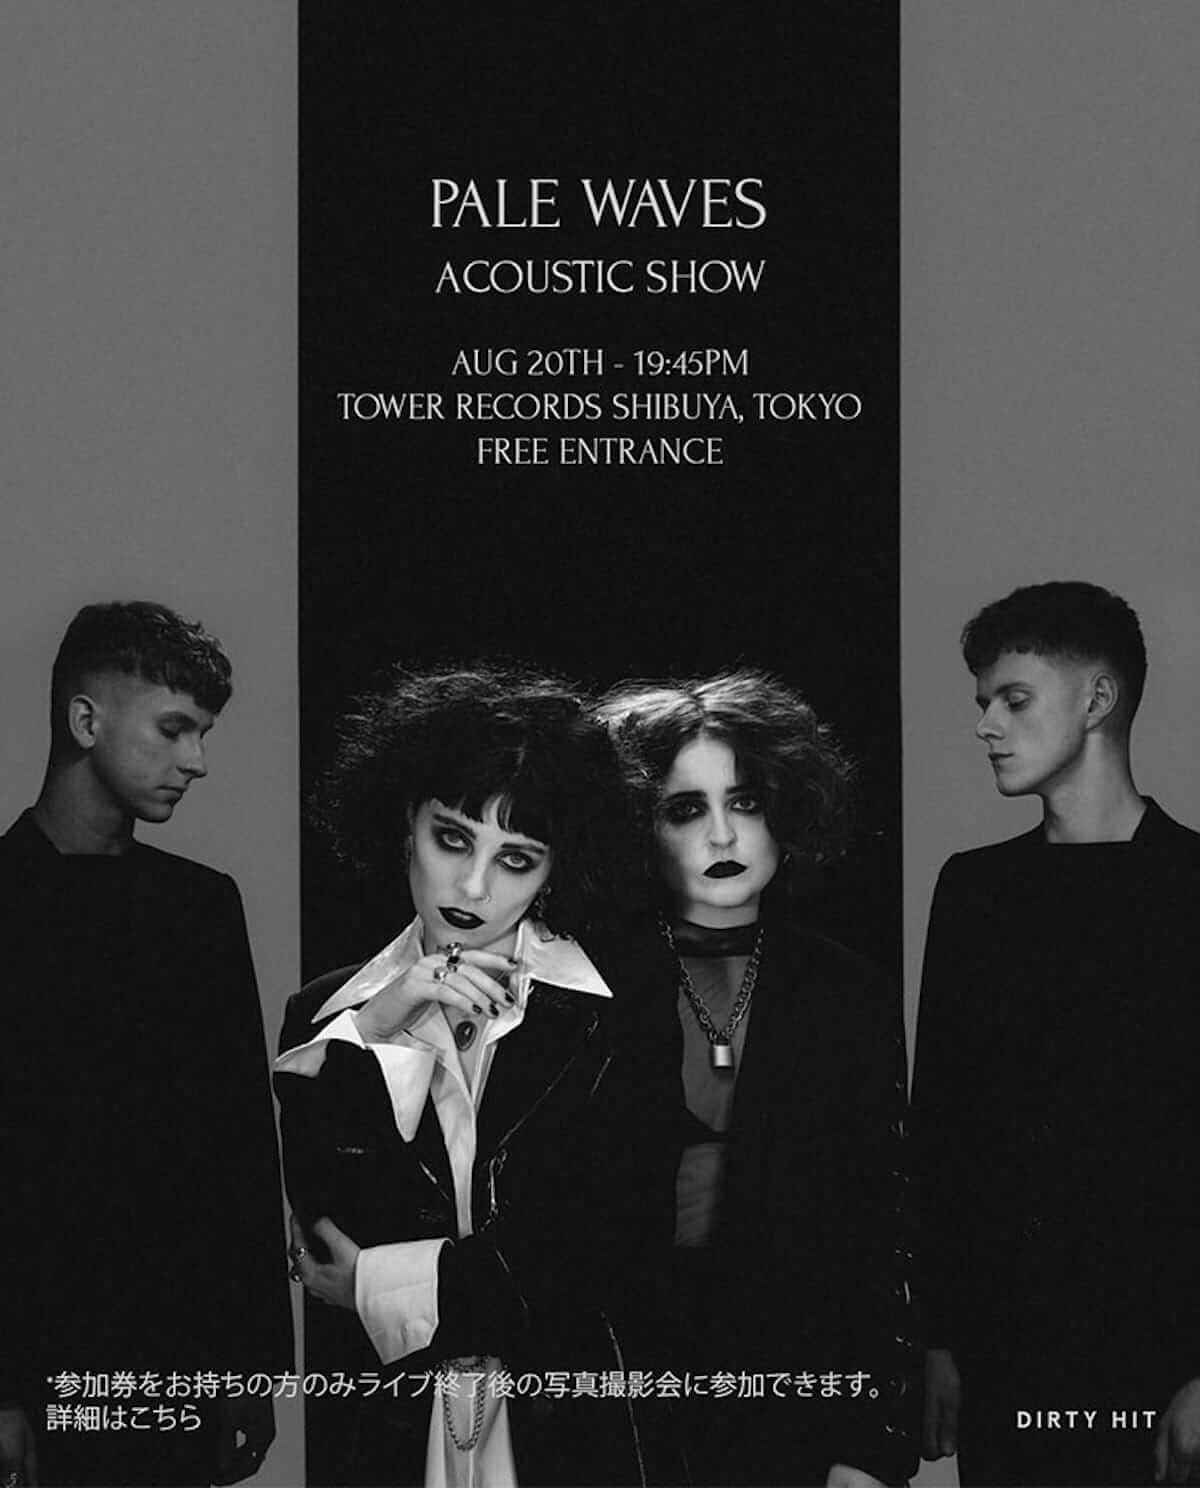 ペール・ウェーヴス、タワレコ渋谷でアコースティックライブ&新作予約でフォト・セッションも! music180811_palewaves_01-1200x1488